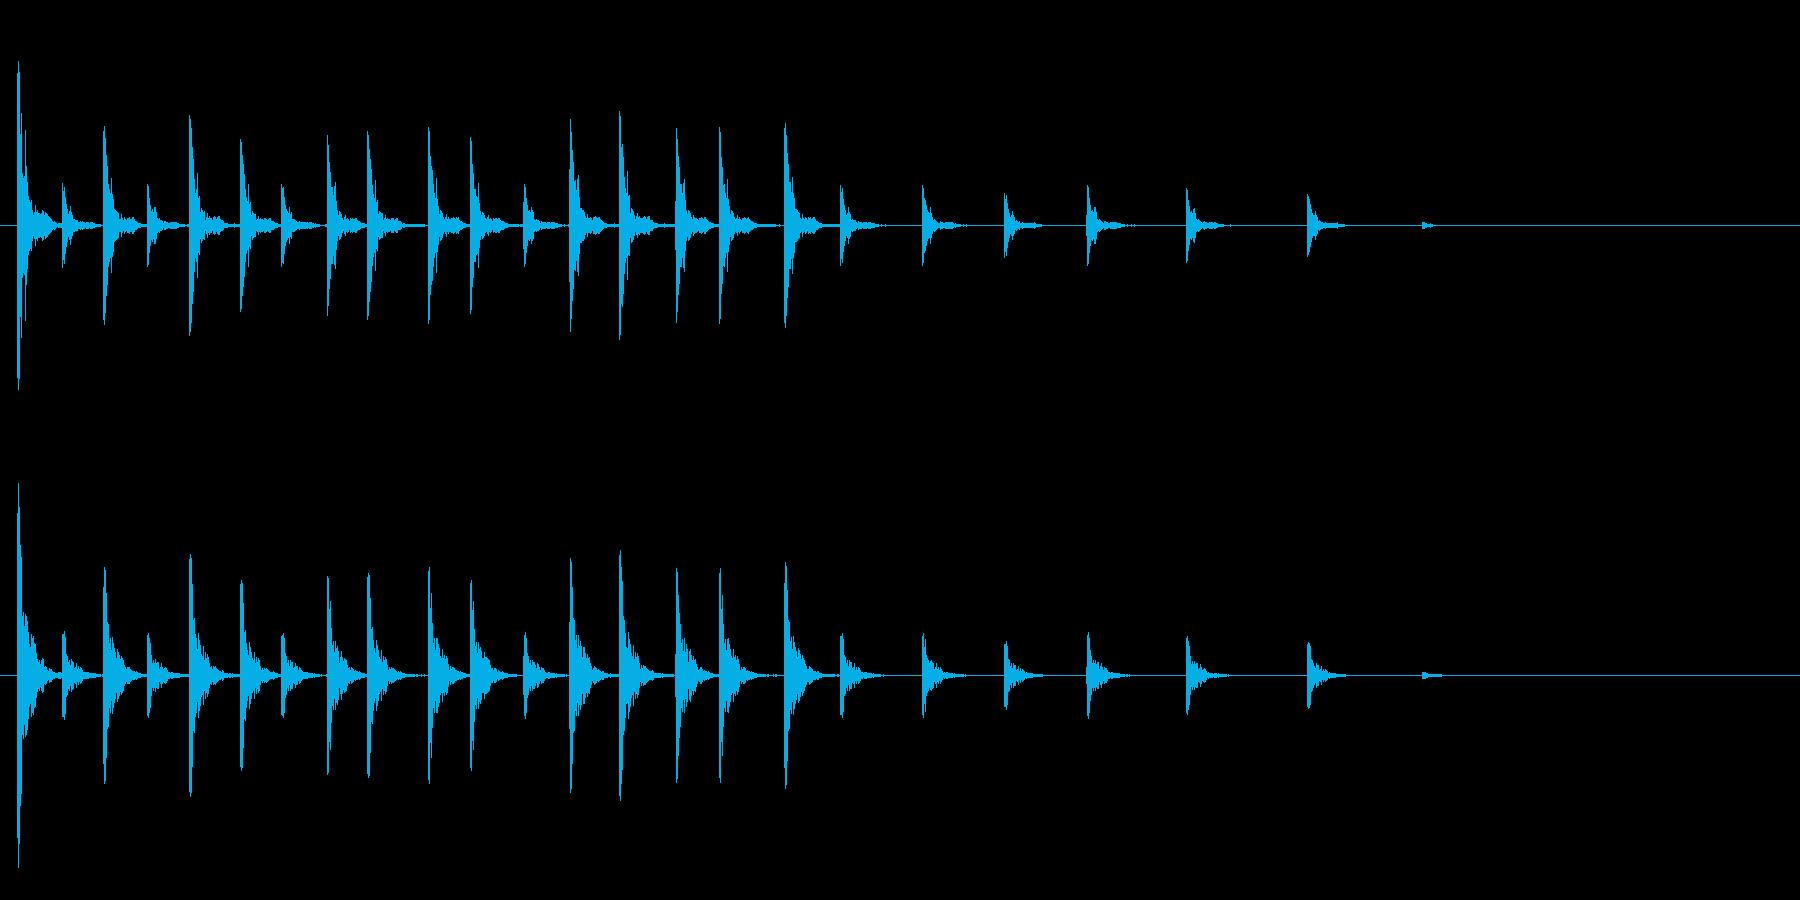 軽快な木鉦(もくしょう)のフレーズ音の再生済みの波形